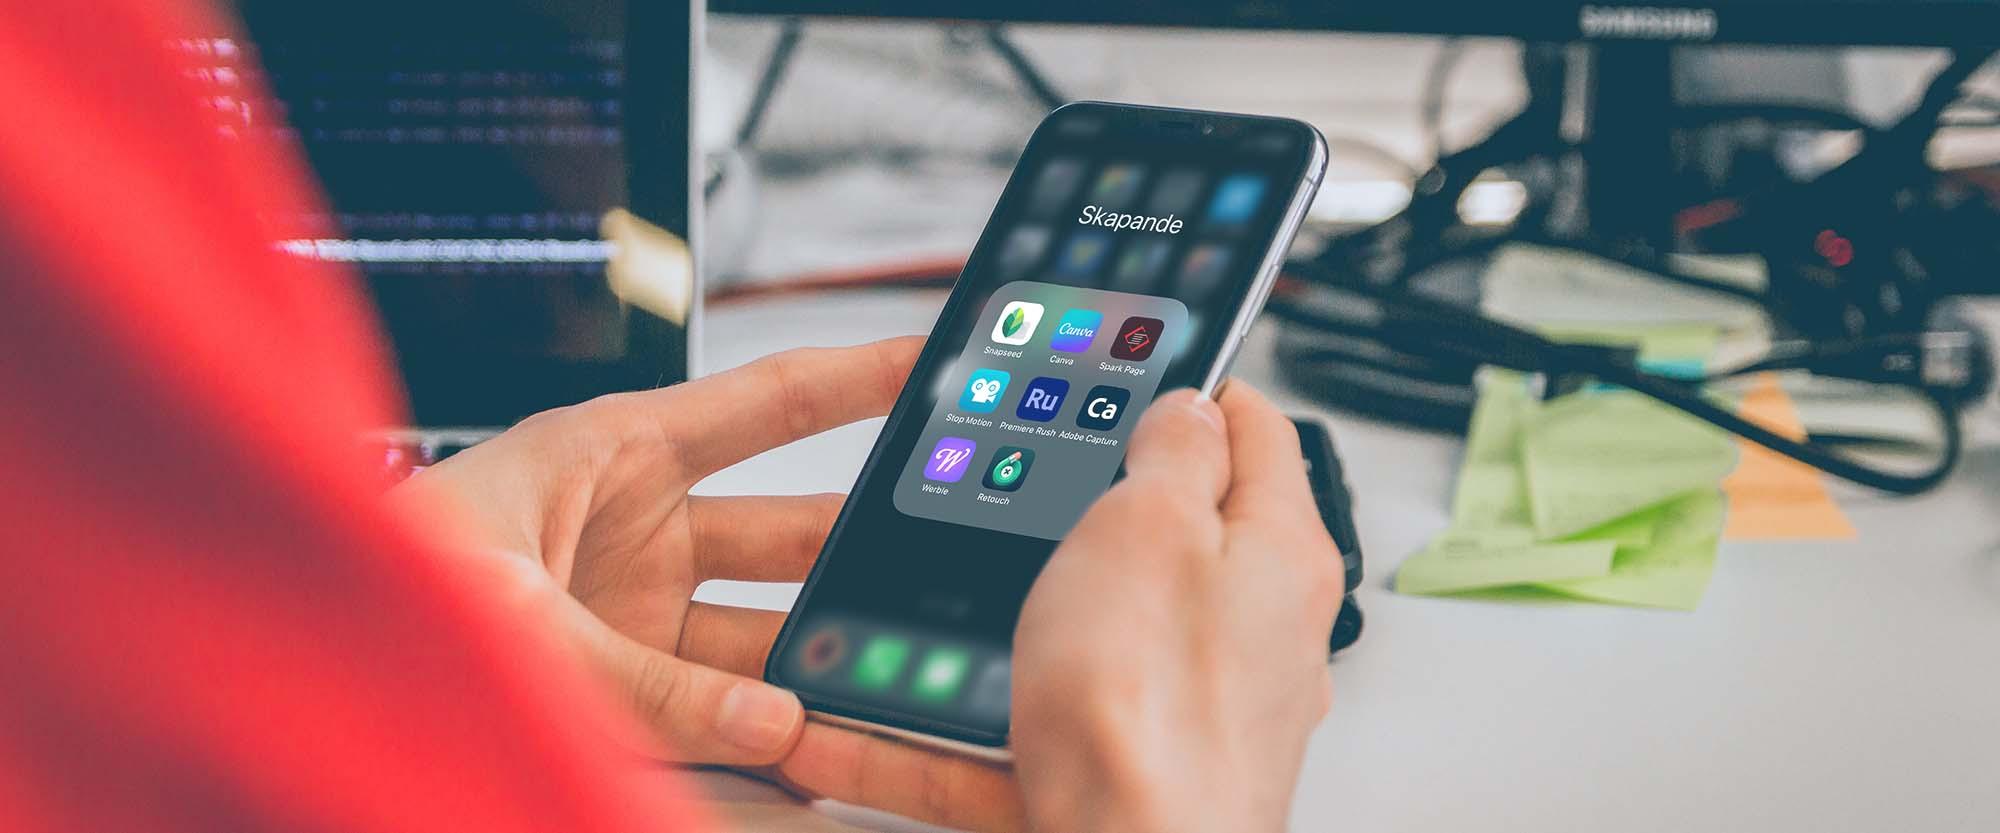 Onlinekurs Appar för innehållsskapande till sociala medier 2021